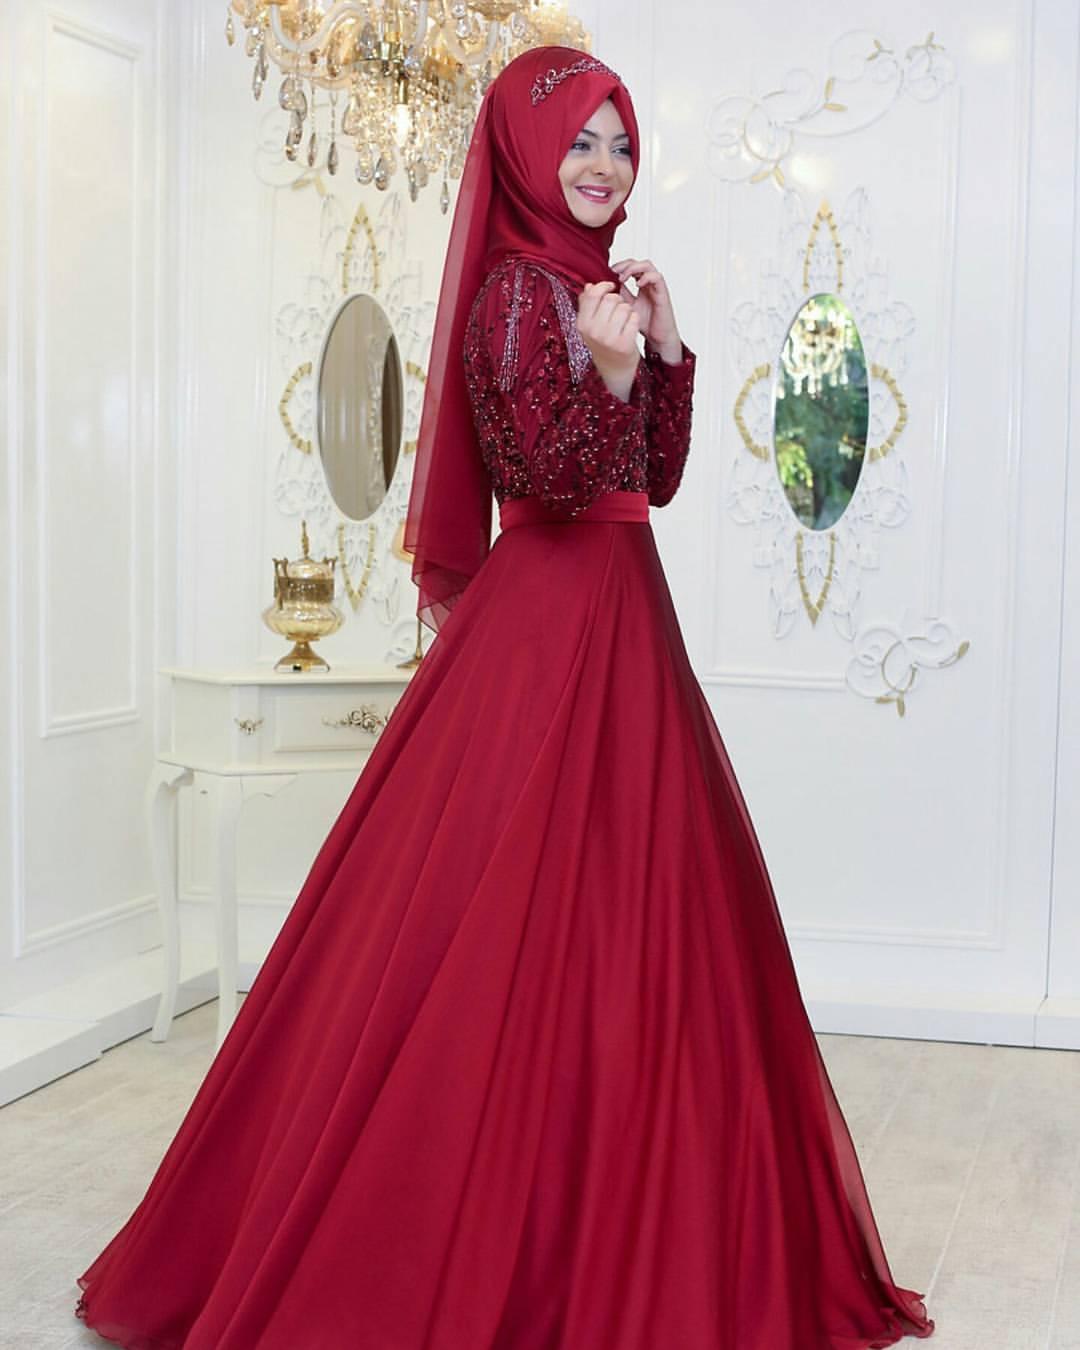 Pinarsems Abiye Modelleri 38 - 2018 Pınar Şems Abiye Modelleri